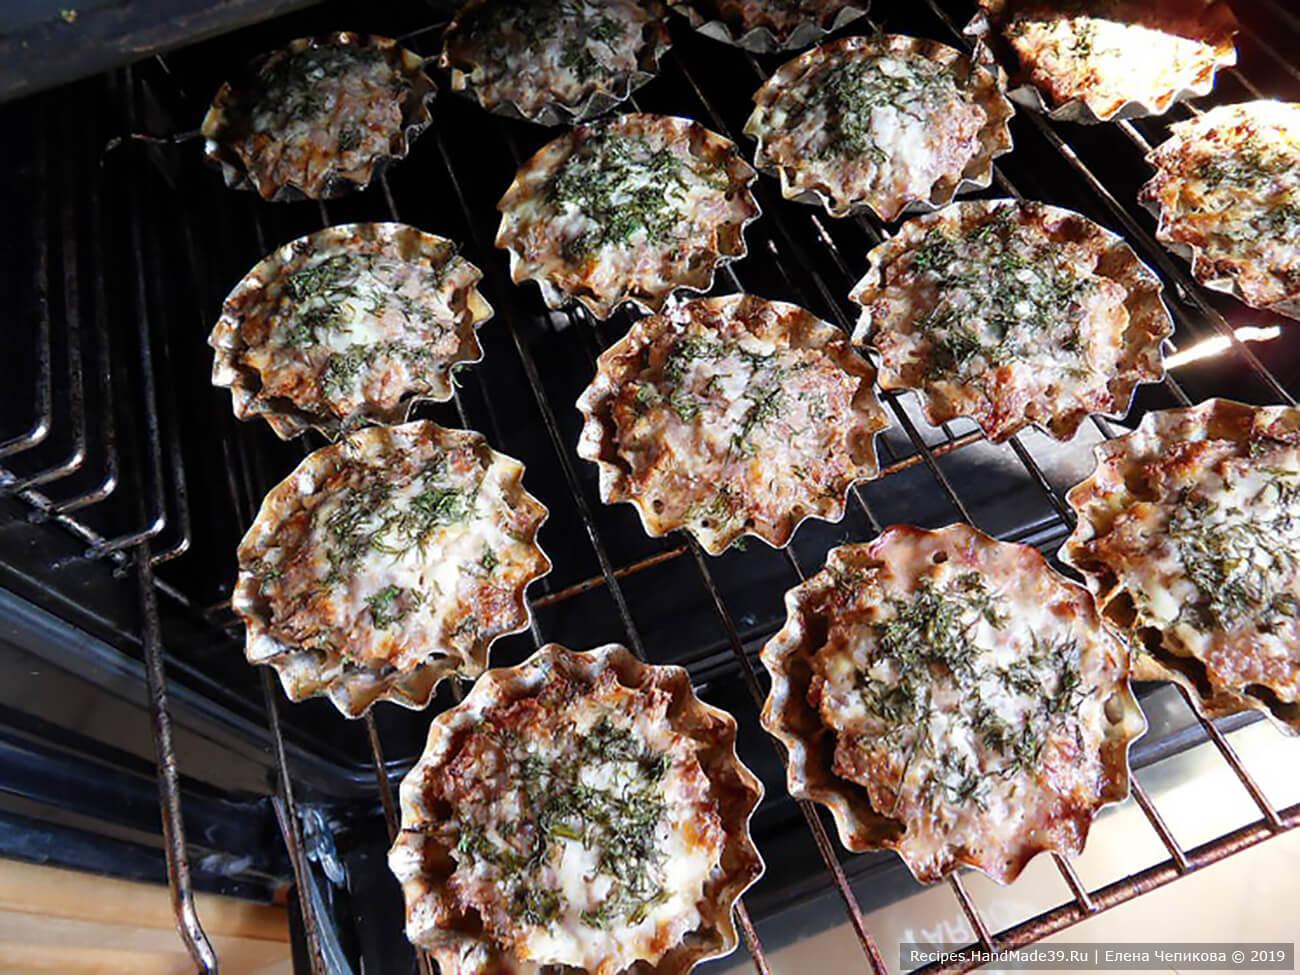 Запекать 30-40 минут в духовке, разогретой до температуры 200 °C. Приятного аппетита!